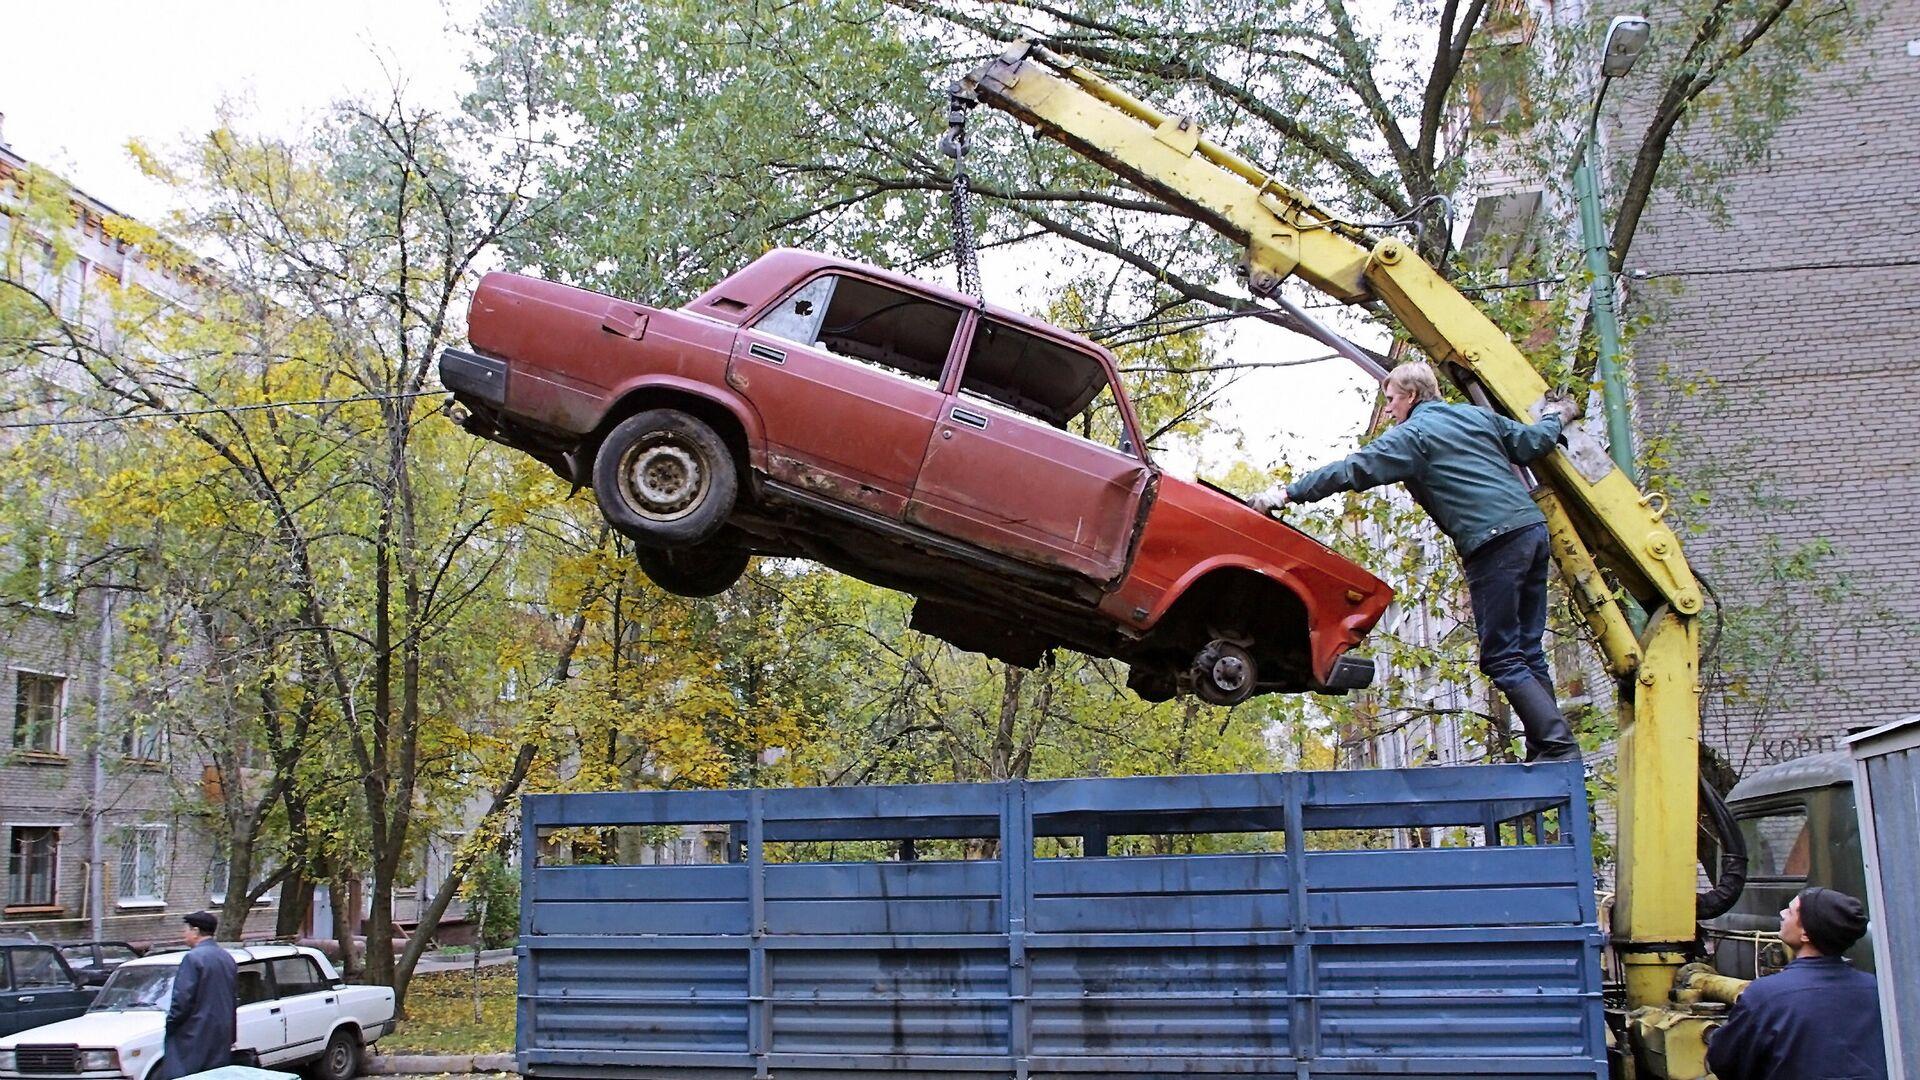 Уборка брошенных на улицах Москвы автомобилей - РИА Новости, 1920, 05.11.2019